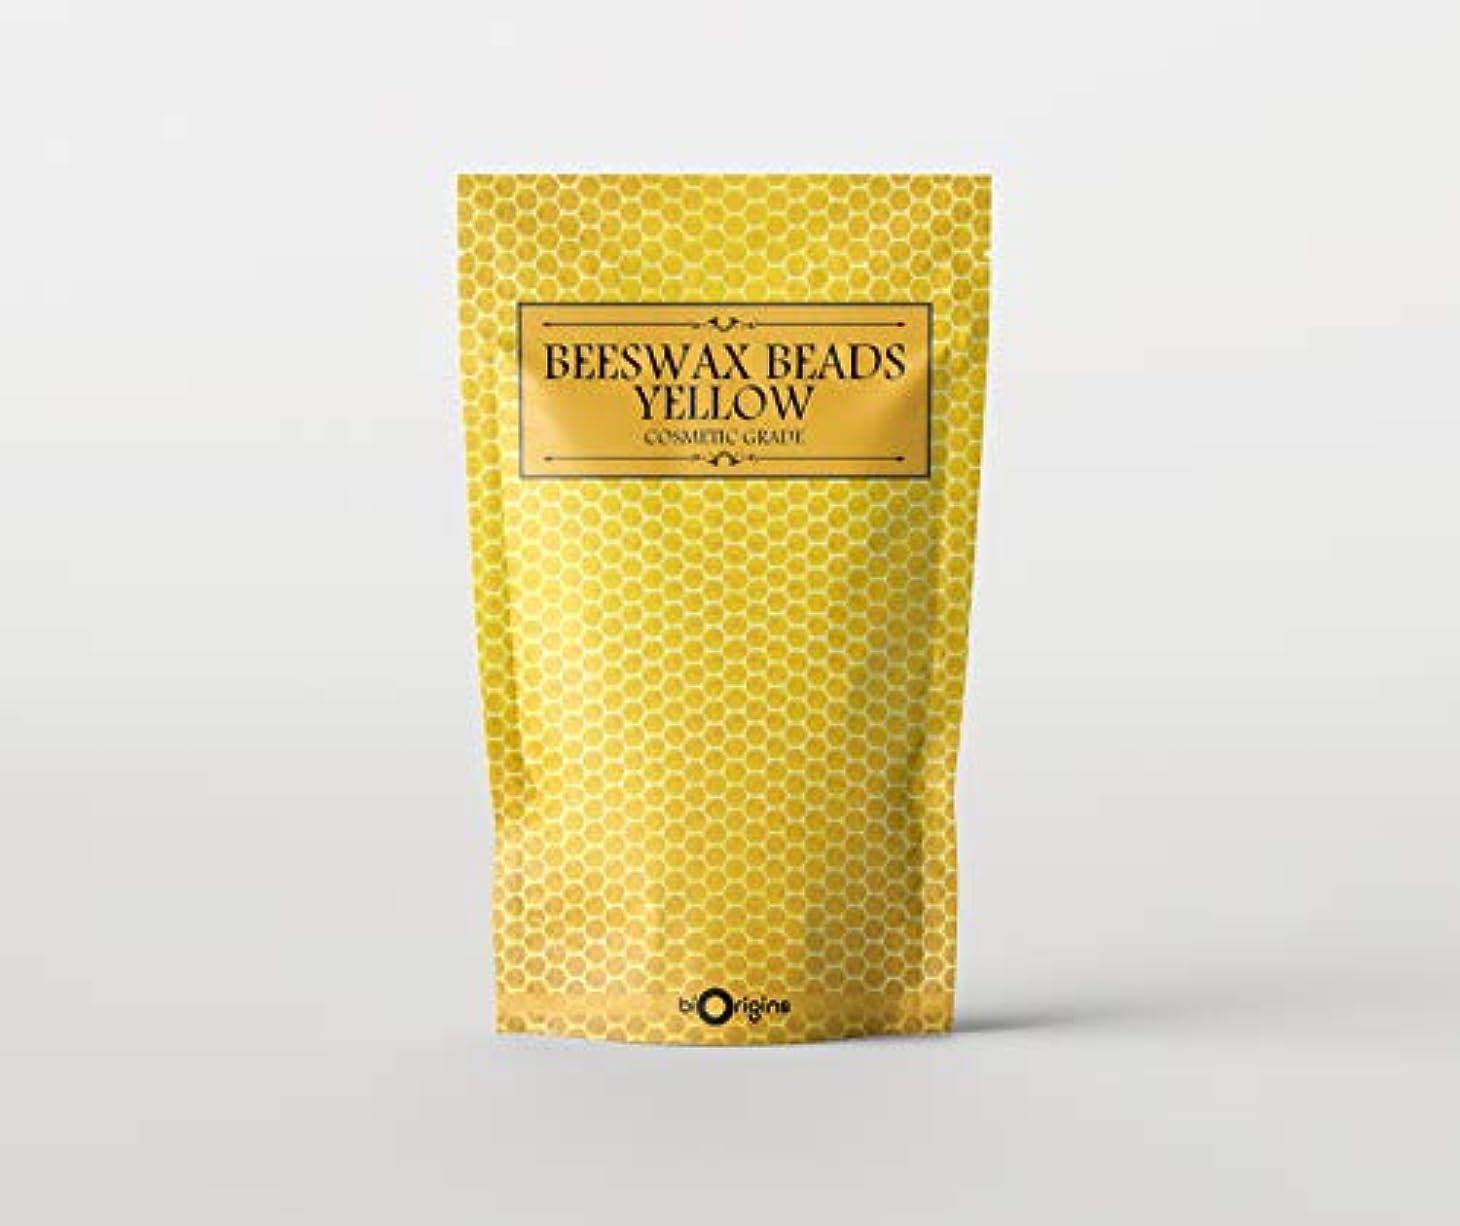 ブレンドランタン民族主義Beeswax Beads Yellow - Cosmetic Grade - 500g